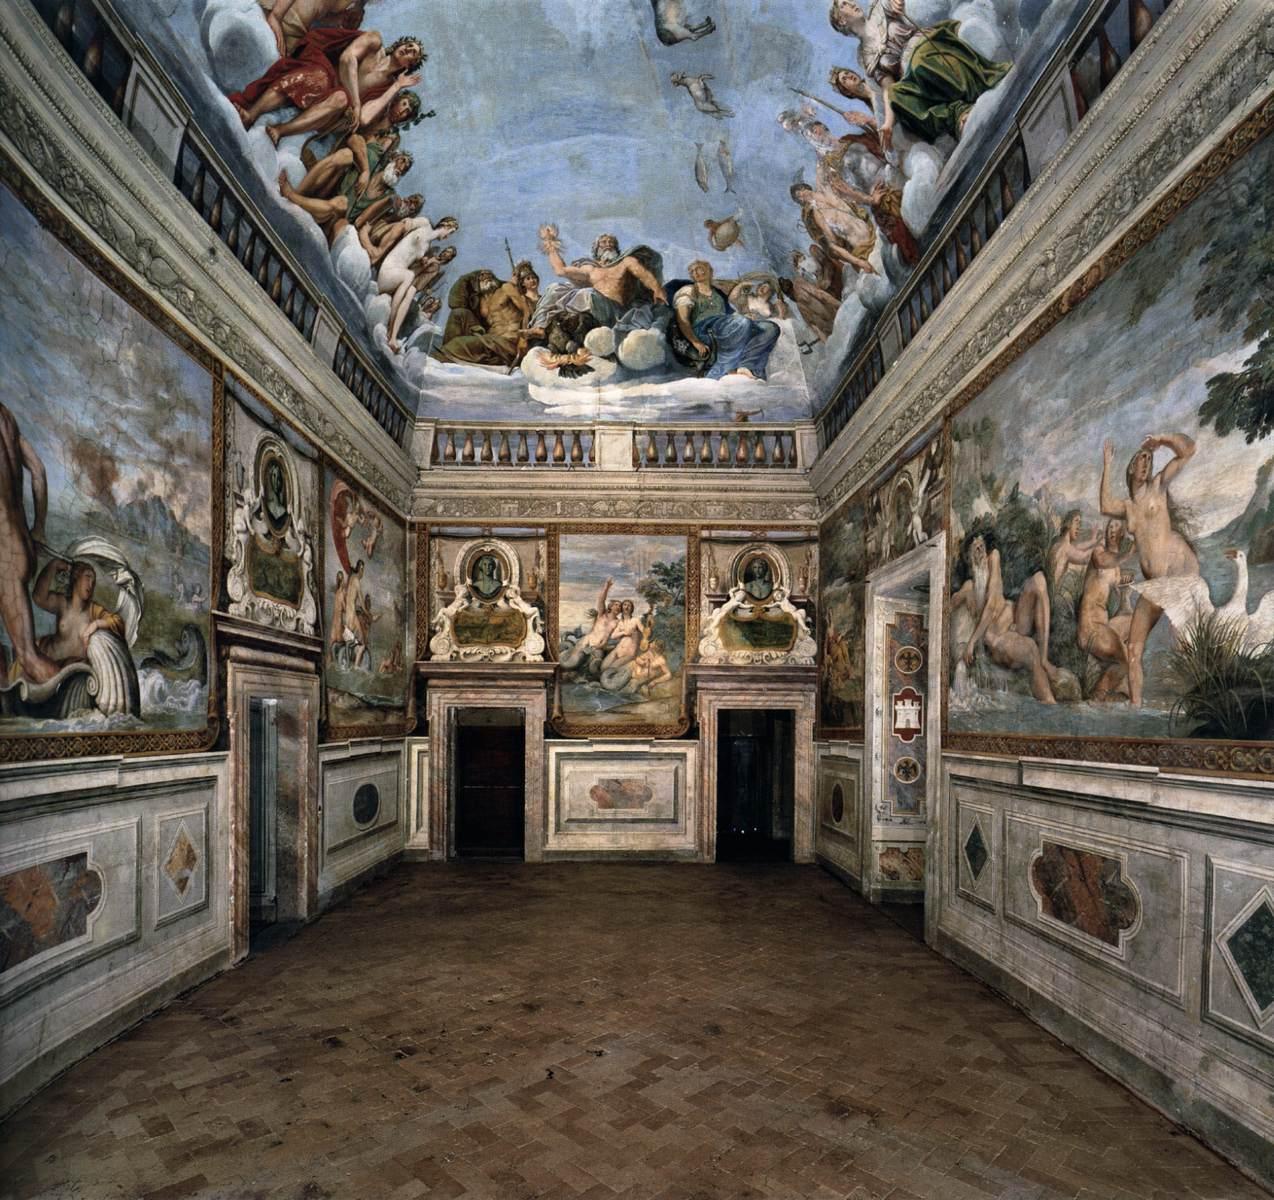 Matrimoni Bassano Romano : Frescoes in the palazzo odescalchi giustiniani bassano